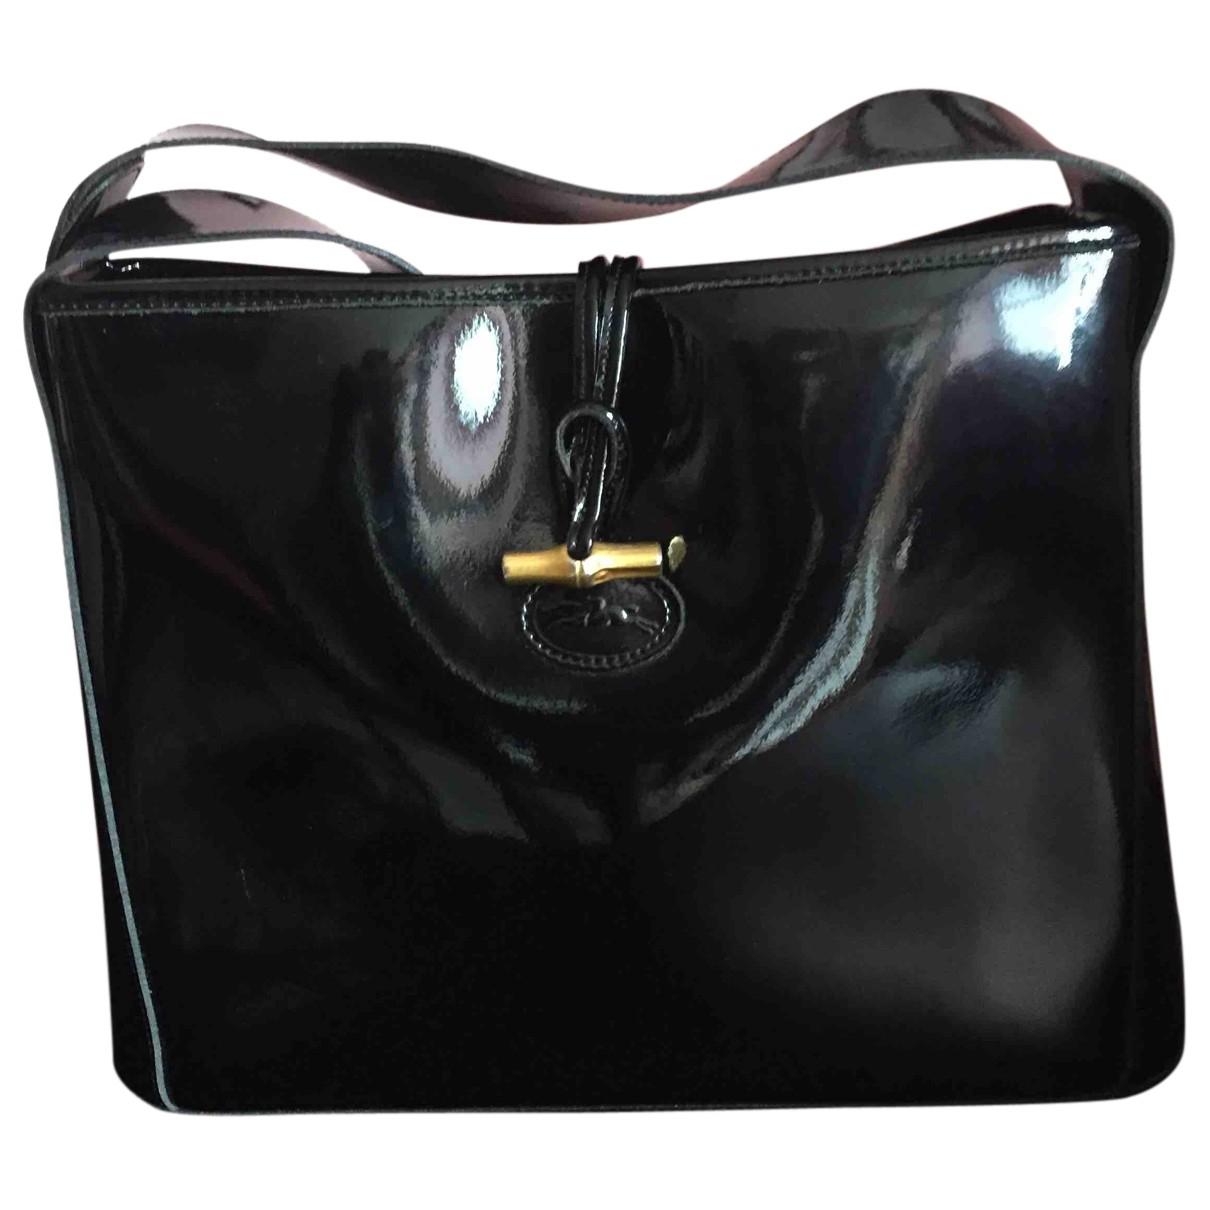 Longchamp - Sac a main   pour femme en cuir verni - noir